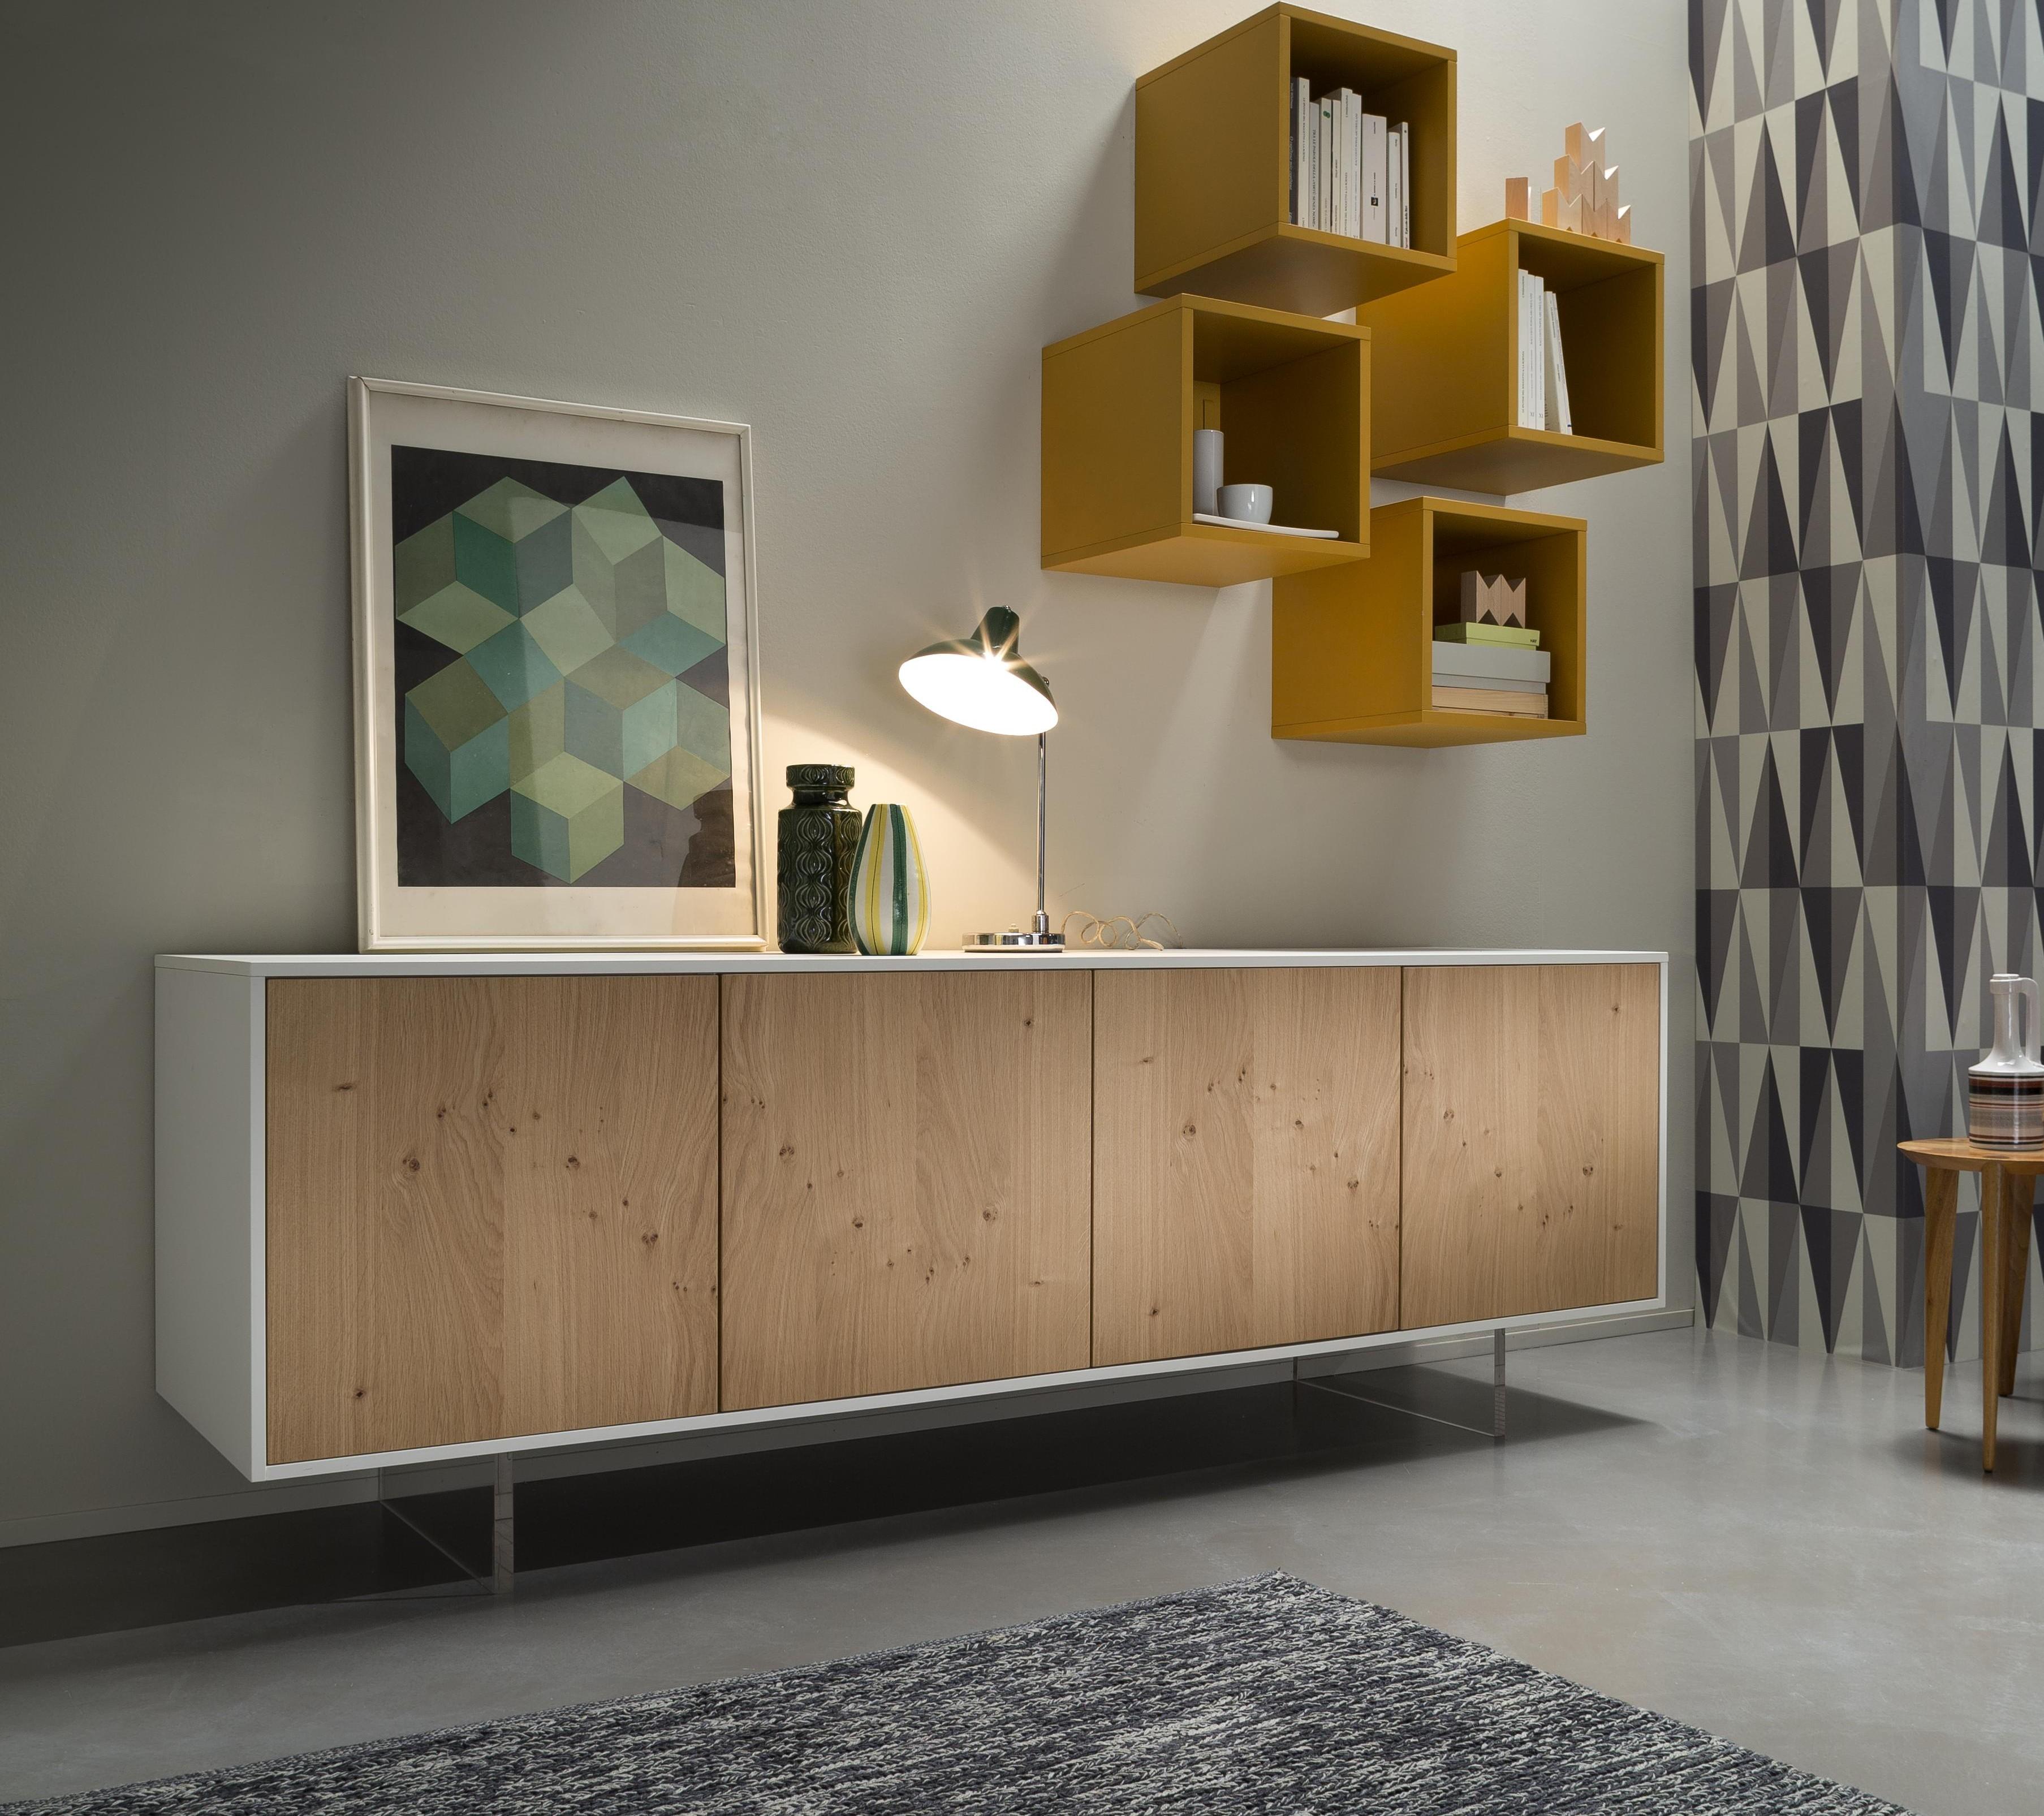 Madia Soggiorno Moderno : Madia per soggiorno moderno decora la tua vita